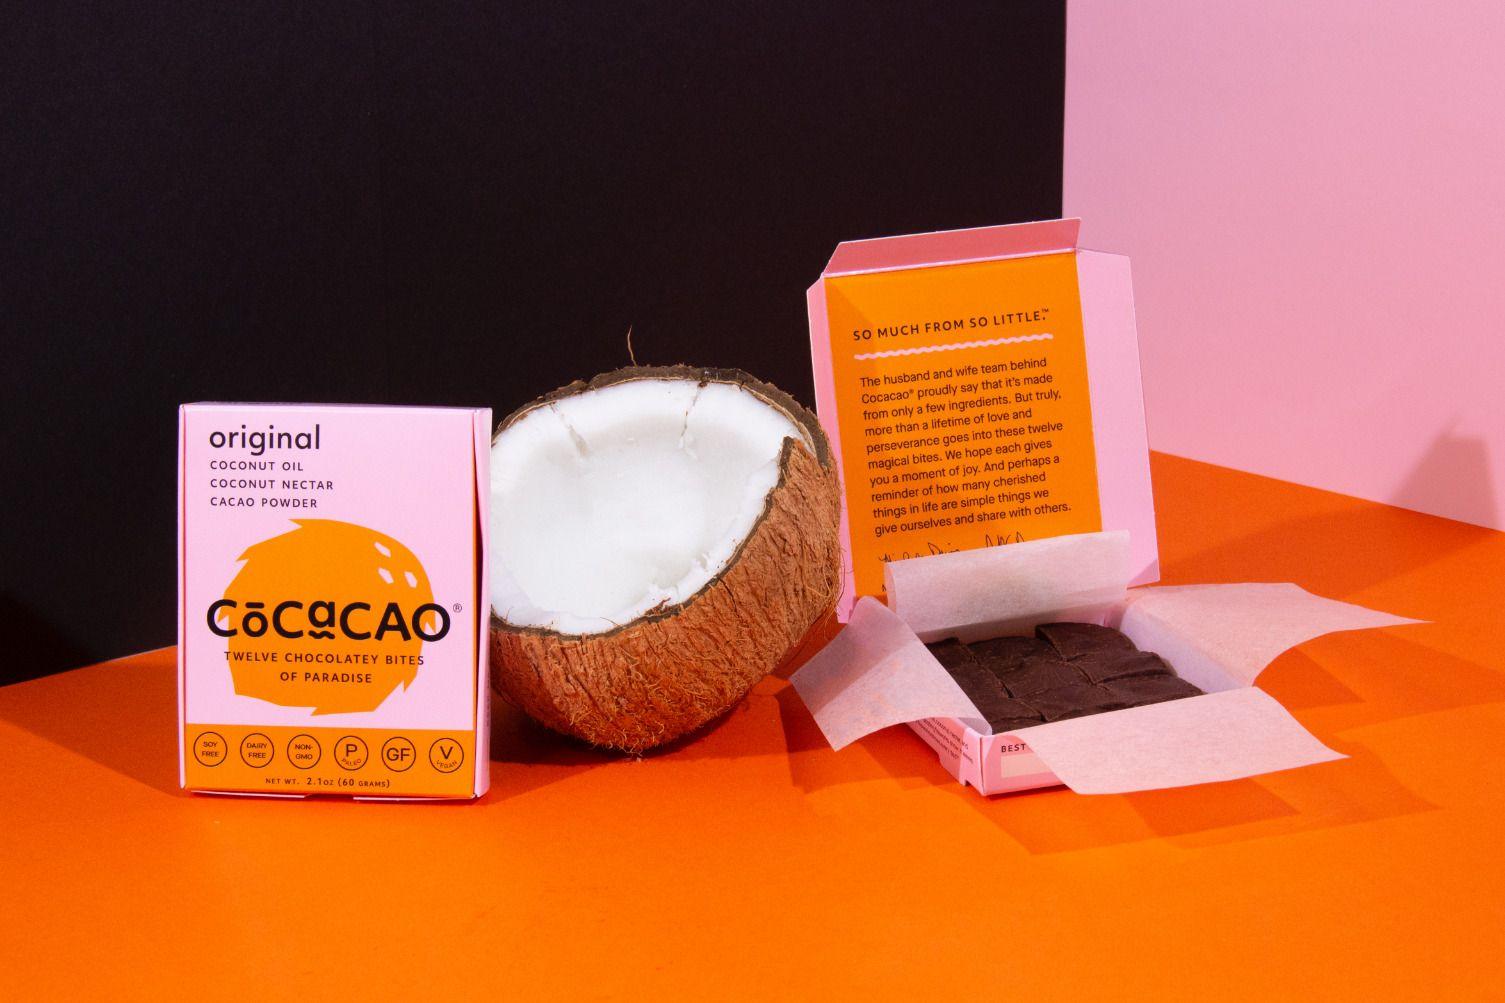 Cocacao original packaging